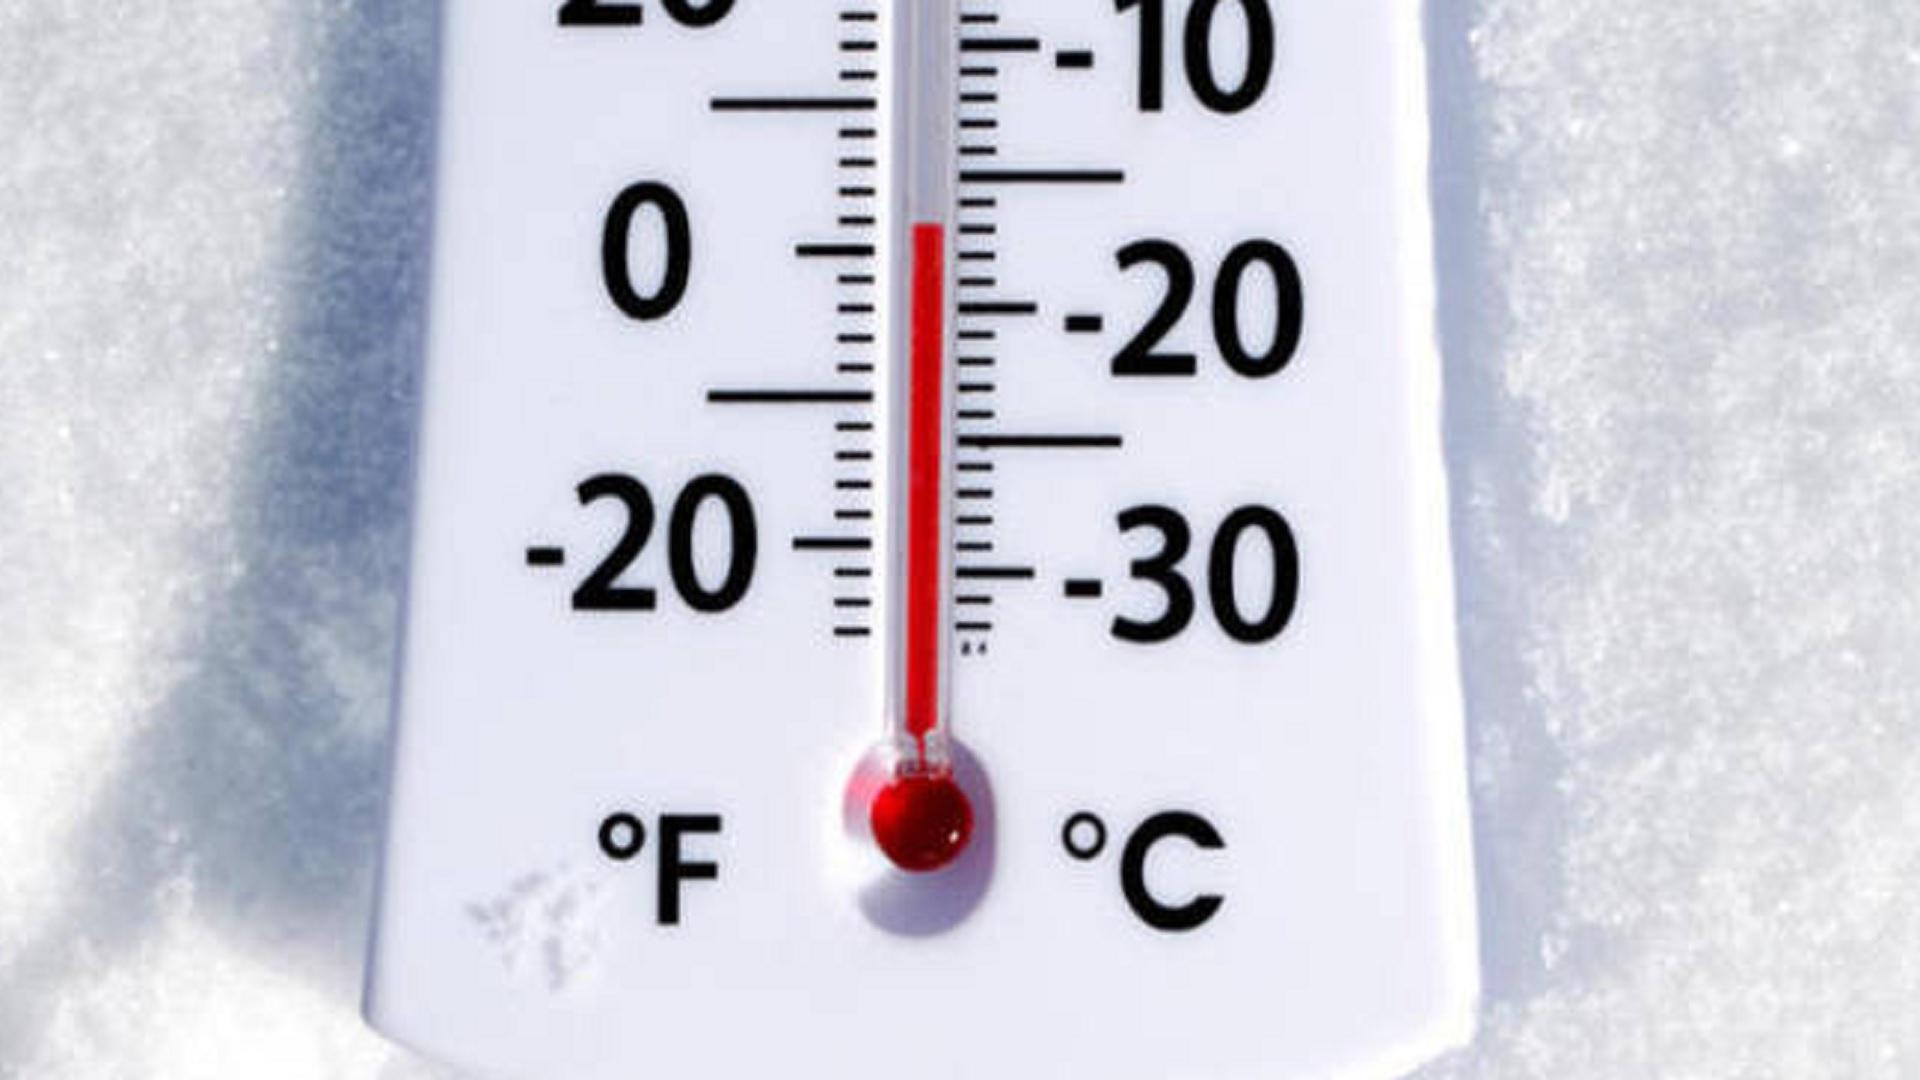 Meteo: calo delle temperature nei prossimi giorni